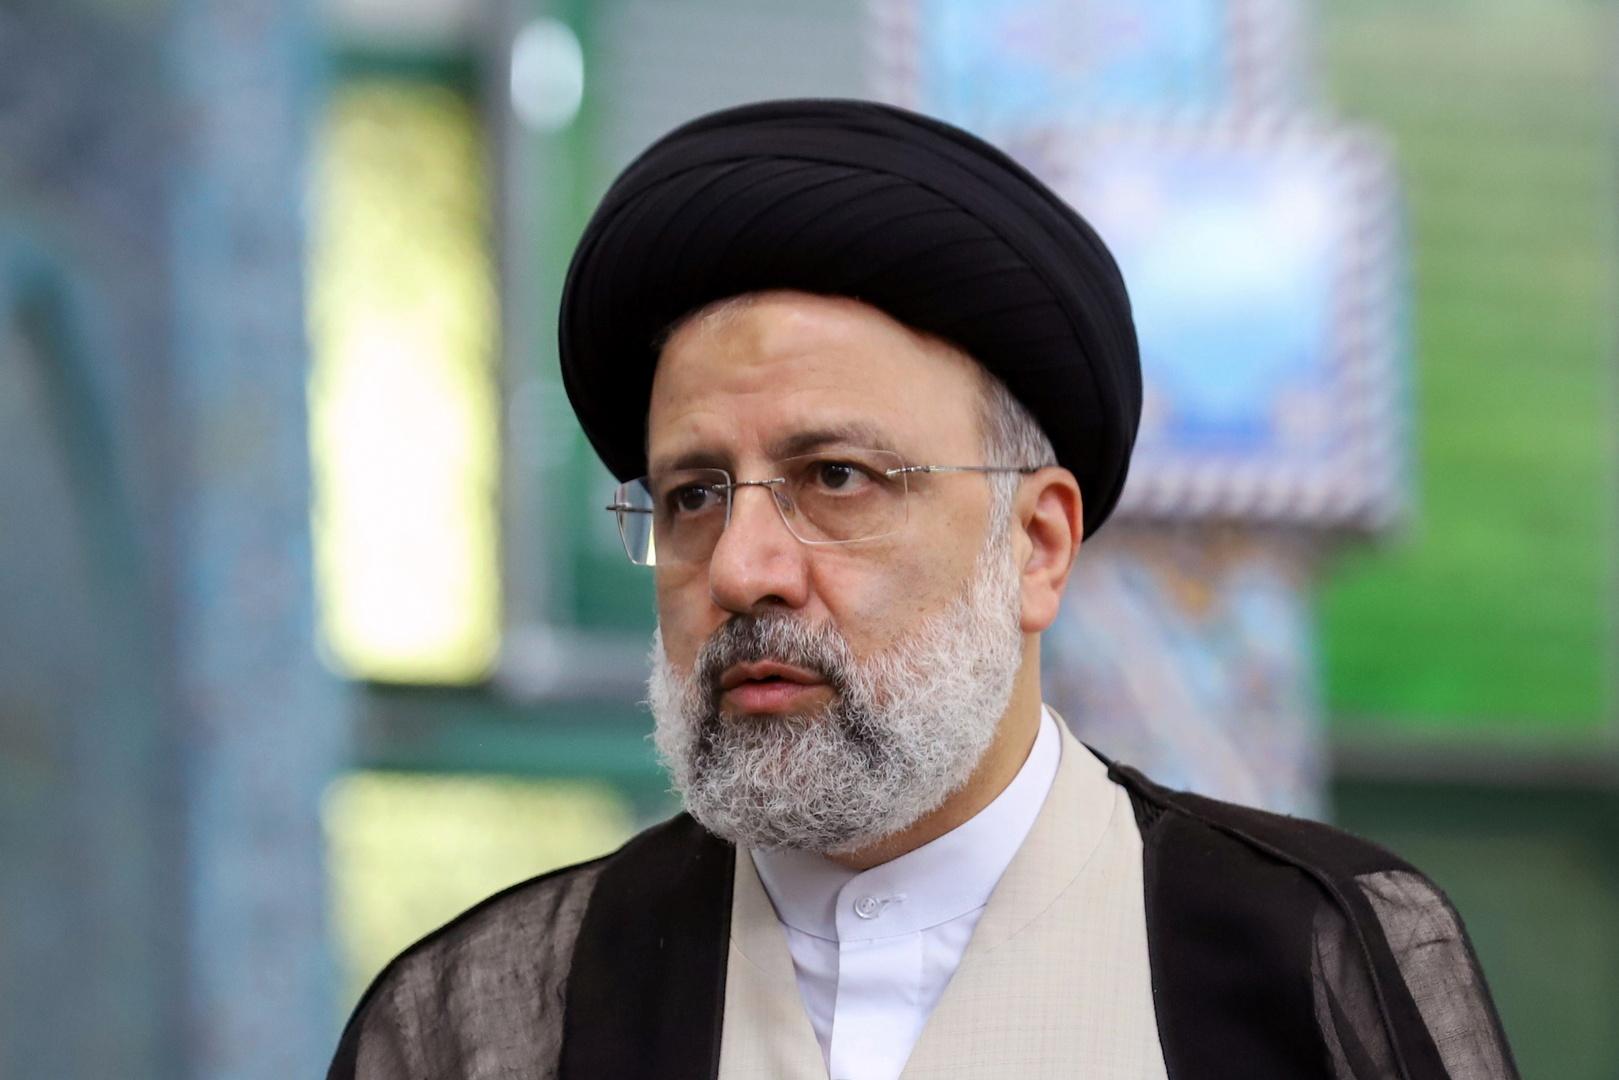 الرئيس الإيراني ابراهيم رئيسي